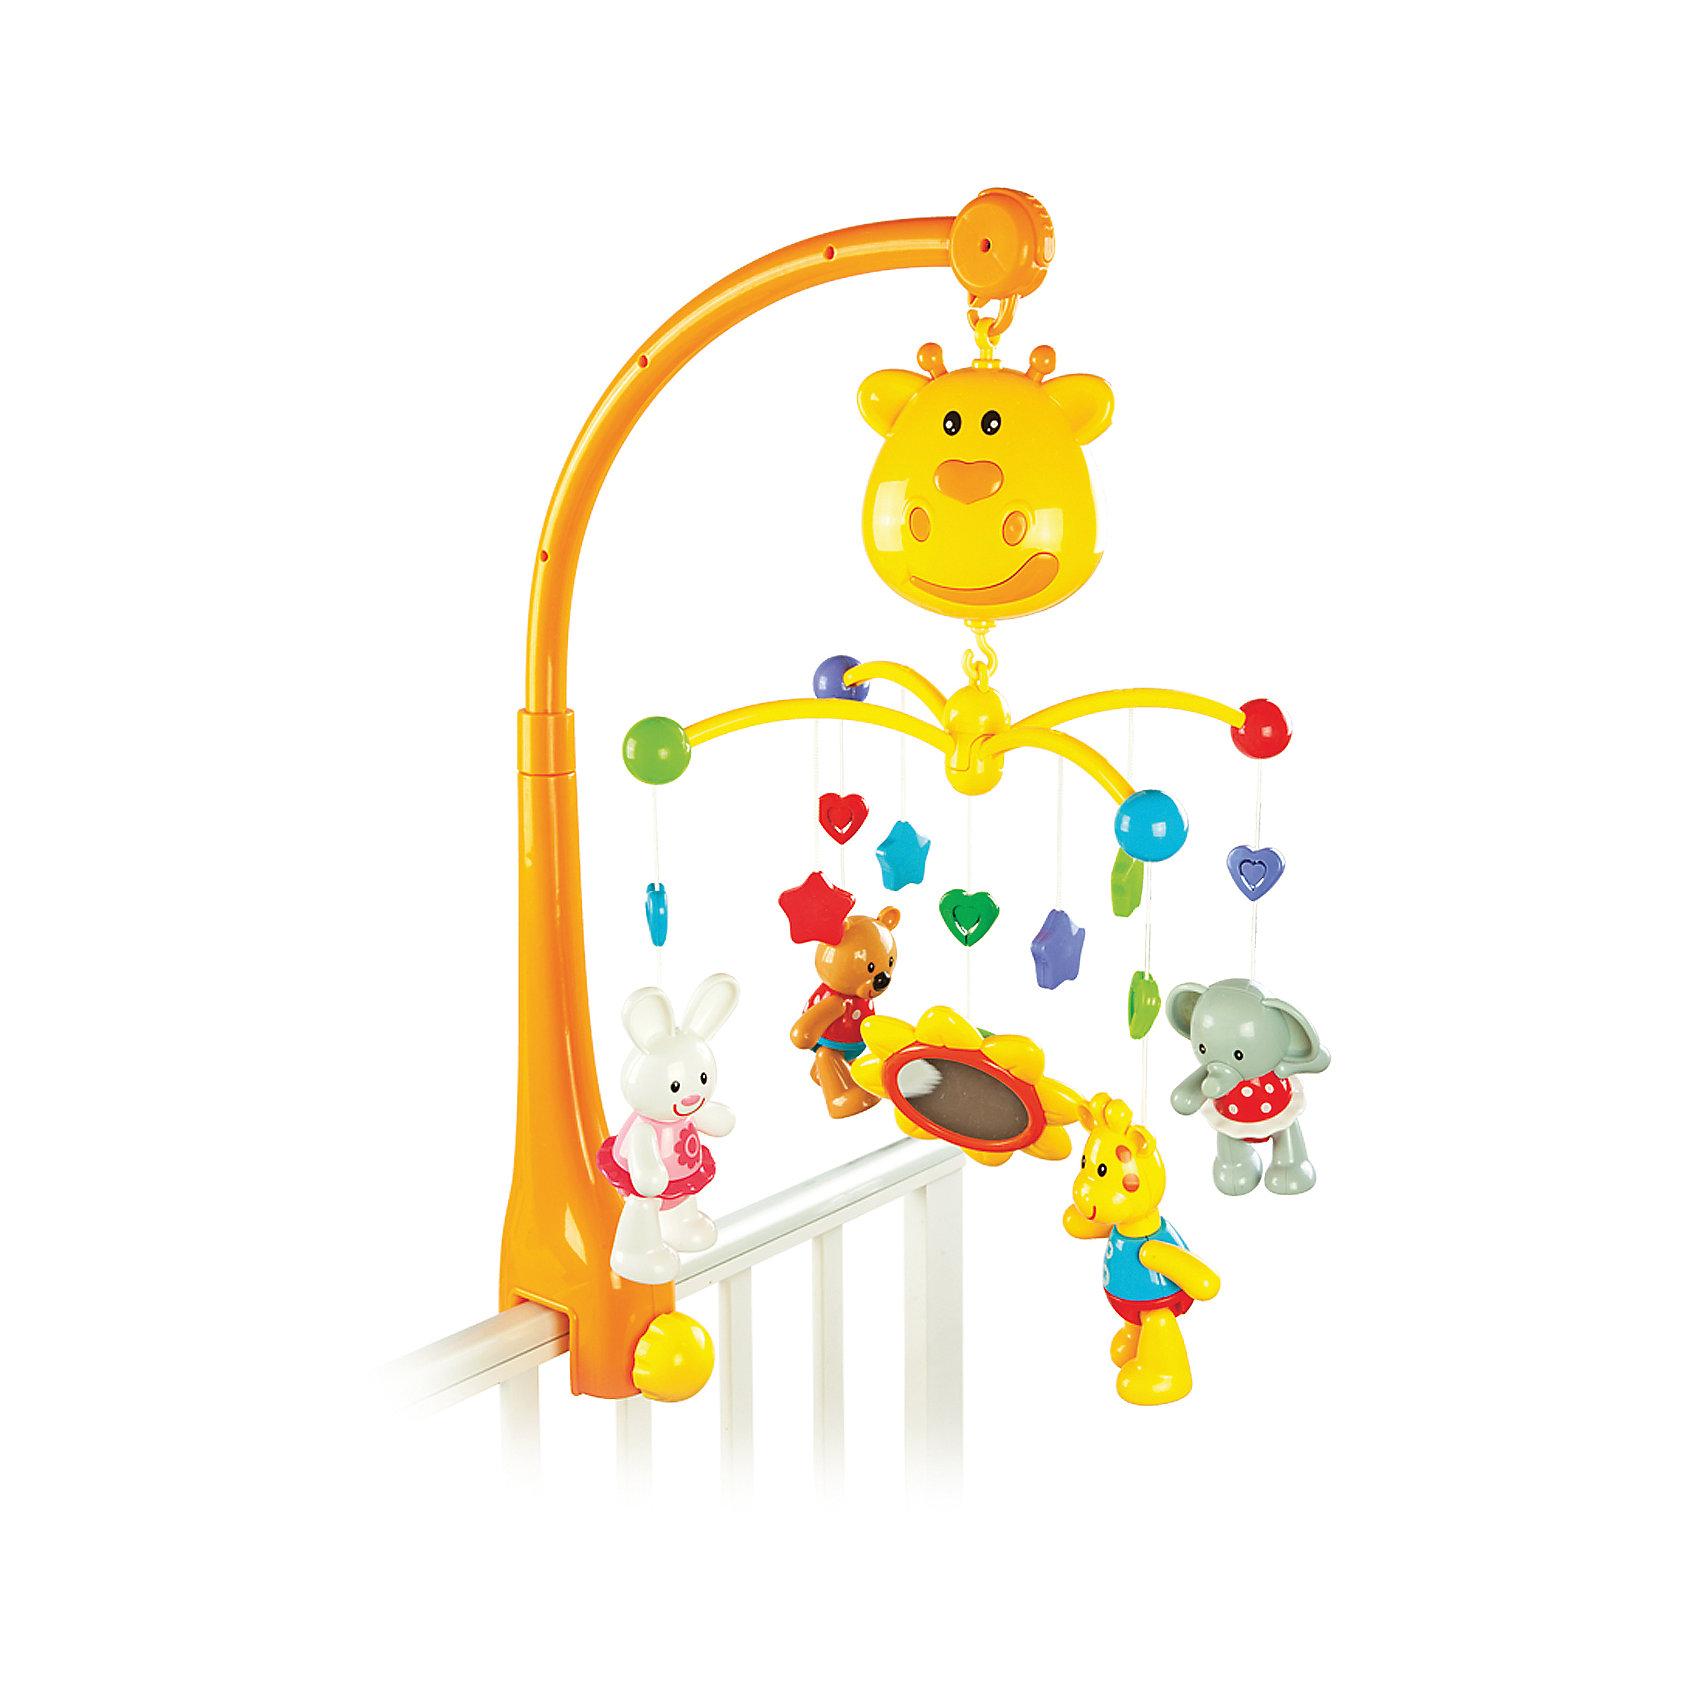 Мобиль Жирафики Жирафик многофункциональный, 18 мелодийМобили<br>Характеристики:<br><br>• 18 мелодий;<br>• два режима: кручение с музыкой и музыка без кручения;<br>• три вида мелодий: колыбельные, звуки природы, веселая музыка;<br>• таймер на 10-15-20 минут;<br>• ручки и ножки игрушек можно поворачивать;<br>• батарейки: АА - 2 шт. (не входят в комплект);<br>• размер мобиля: 60 см;<br>• материал: пластик, металл;<br>• возраст: с рождения;<br>• размер упаковки: 42х32х7,5 см;<br>• вес: 1,38 кг;<br>• страна бренда: Россия.<br><br>Мобиль - универсальная игрушка для малышей с самого рождения. Малыш сможет наблюдать за яркими крутящимися игрушками и слушаться приятную музыку. Когда ребенок подрастет, родители смогут предложить ему поиграть с игрушками отдельно. Ножки, ручки и головы игрушек можно поворачивать.<br><br>Мобиль имеет два режима работы: музыка без вращения игрушек и музыка с вращением игрушек. Мобиль имеет 18 встроенных мелодий: колыбельные мелодии, звуки природы и веселая музыка. Во время бодрствования малыш сможет послушать веселую музыку. А перед сном кроха успокоится, прослушивая колыбельные или звуки природы. Для смены мелодии нужно нажать на носик жирафа или на кнопку, расположенную ниже носика.<br><br>Мобиль оснащен таймером на 10,15 и 20 минут. Игрушка способствует развитию тактильных навыков, цветового восприятия и хватательного рефлекса.<br><br>Мультифункциональный мобиль Жирафик, 18 мелодий, Жирафики можно купить в нашем интернет-магазине.<br><br>Ширина мм: 420<br>Глубина мм: 75<br>Высота мм: 320<br>Вес г: 1380<br>Возраст от месяцев: 6<br>Возраст до месяцев: 2147483647<br>Пол: Унисекс<br>Возраст: Детский<br>SKU: 6885296